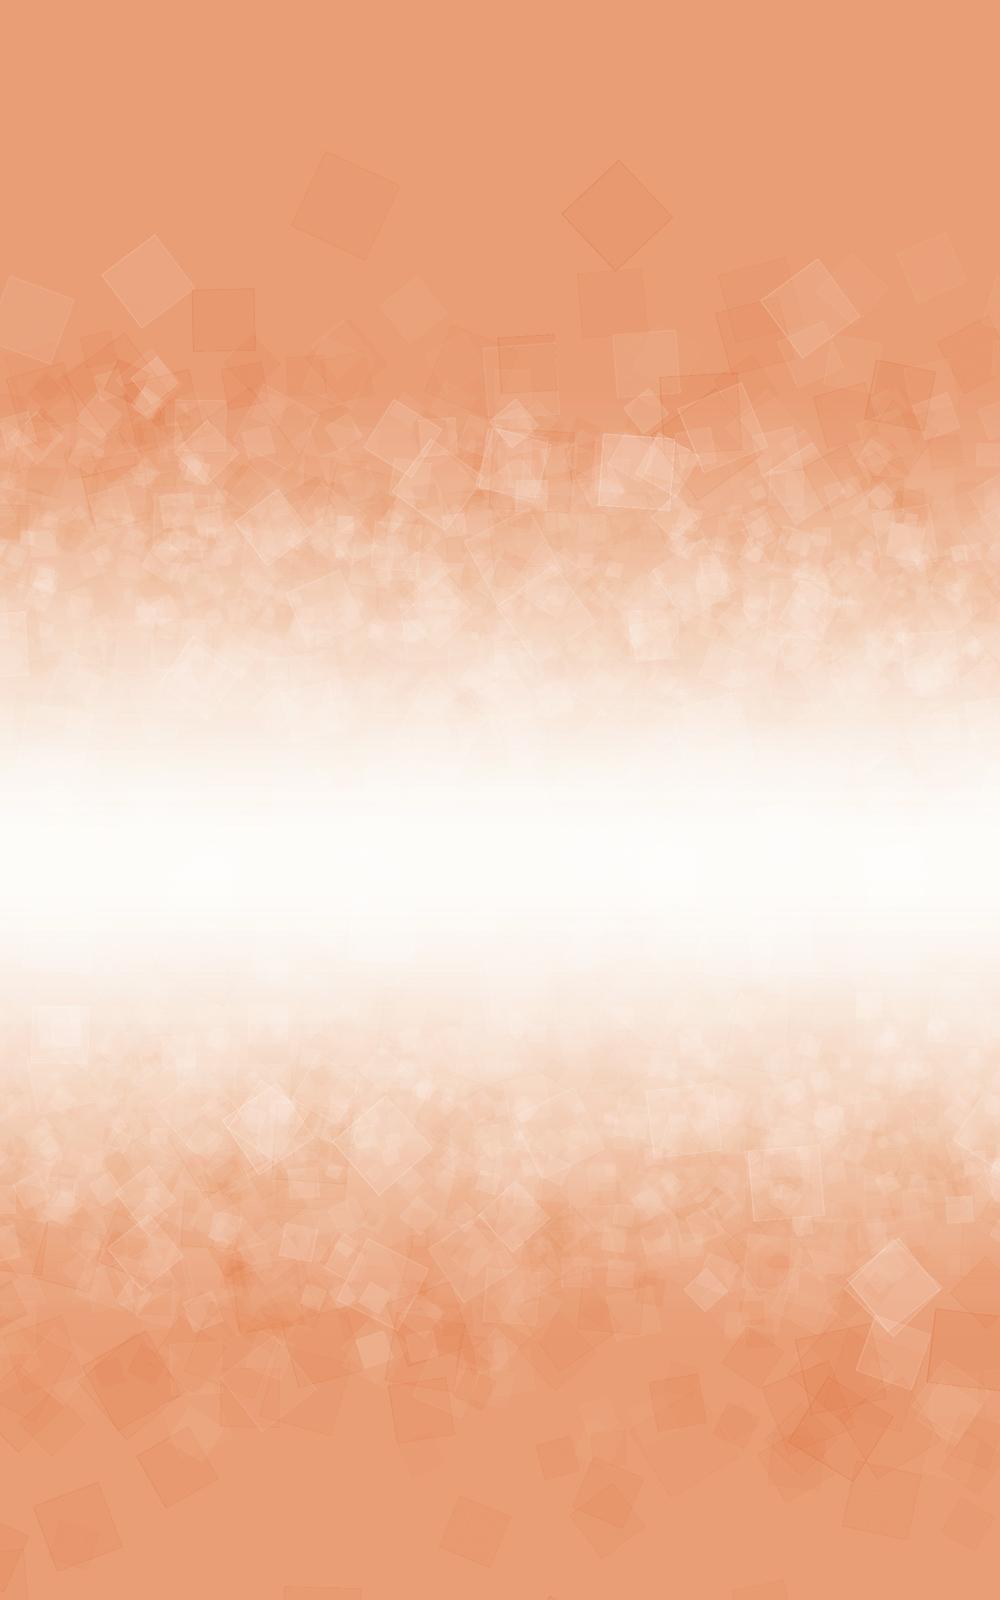 キラキラした抽象的な表紙画像(3f)